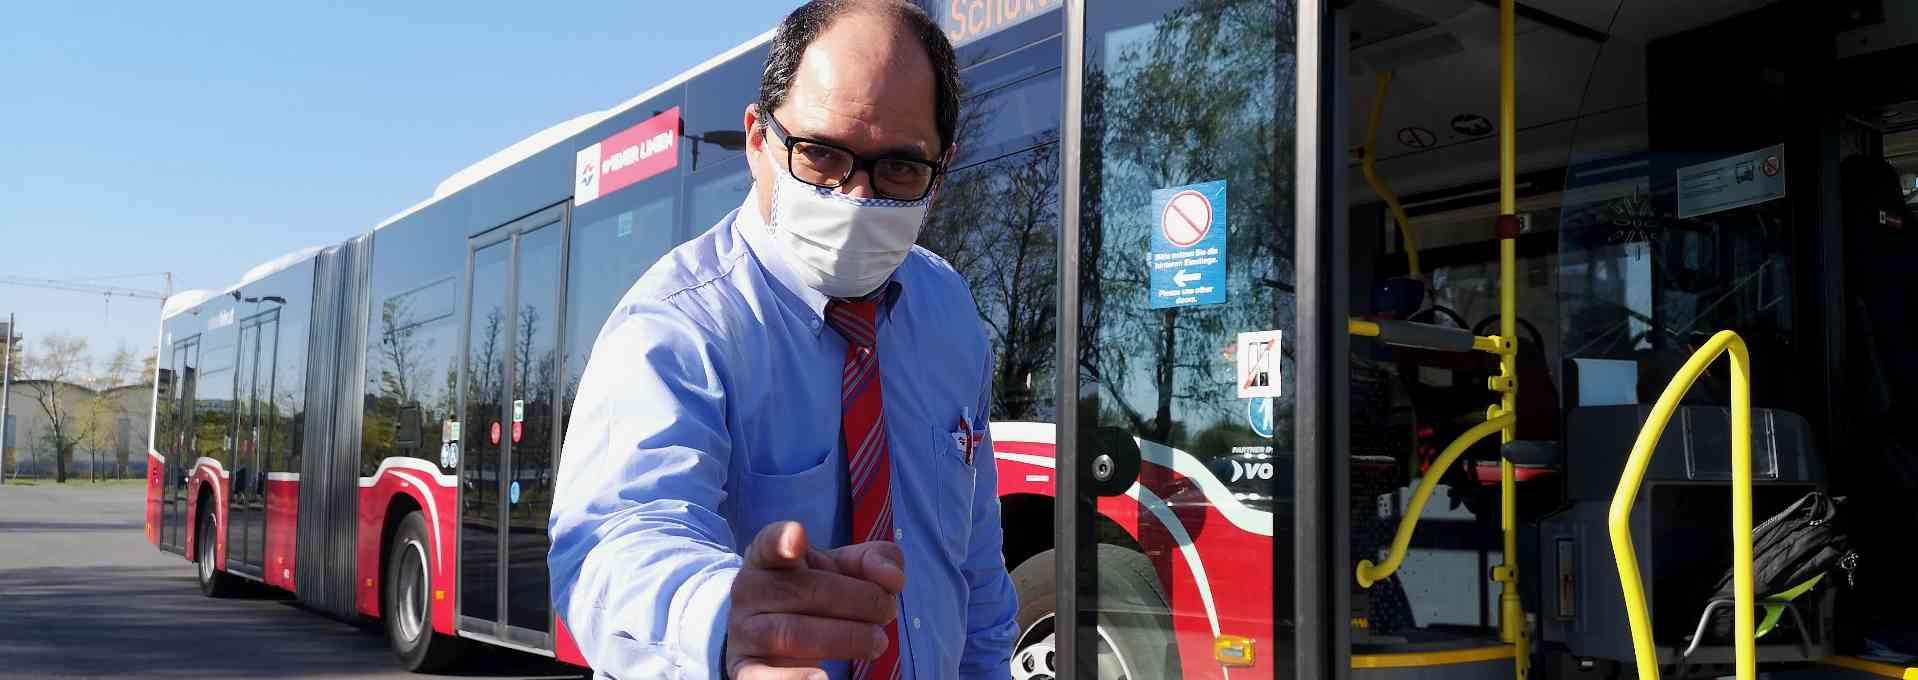 Einer unserer BuslenkerInnen mit Nasen-Mund-Schutz.